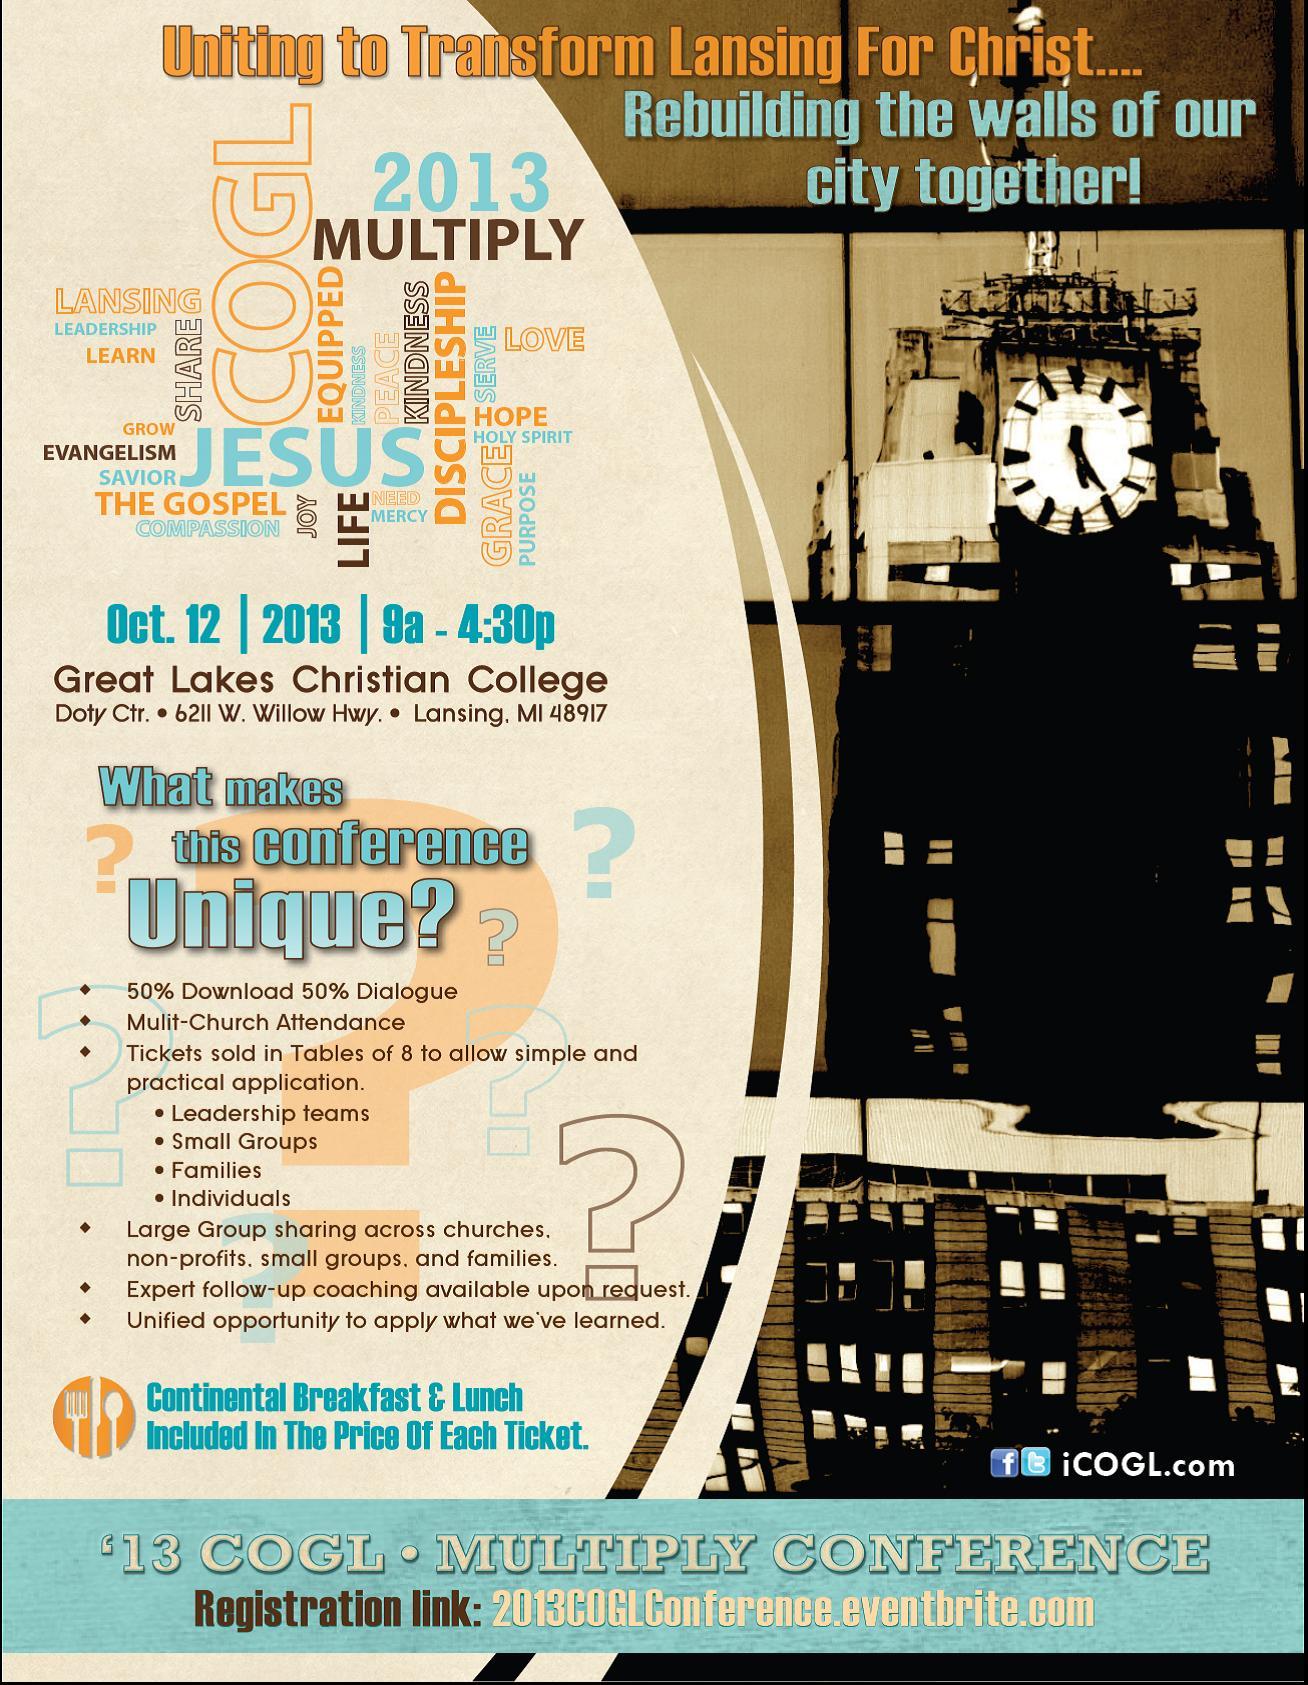 2013 Conference Details